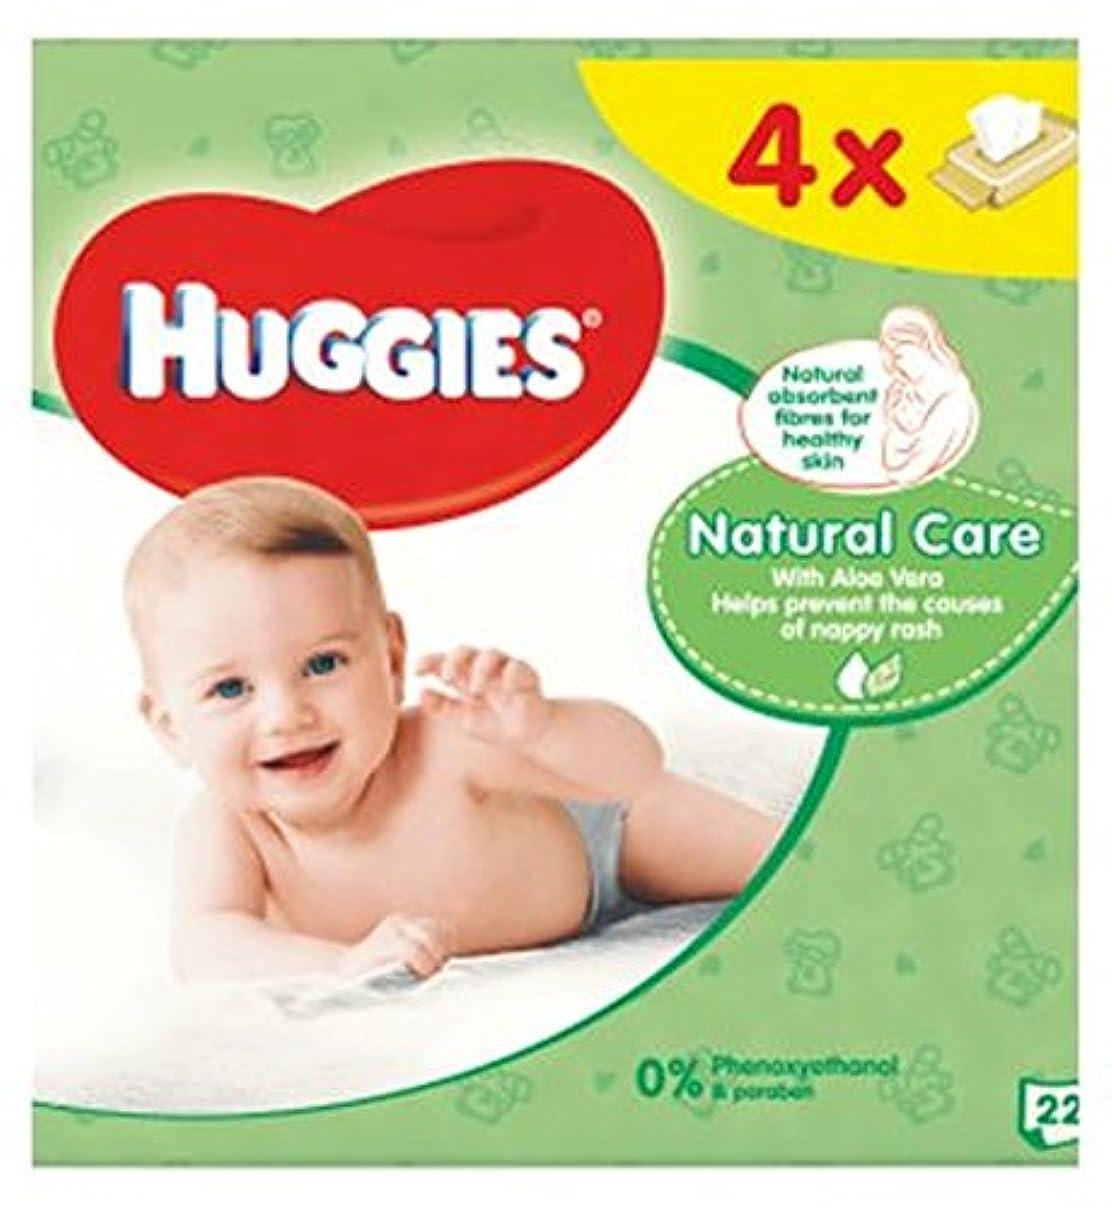 思い出す終了しました意志に反するHuggies Baby Wipes Natural Care Quads 56 - ハギーズの赤ちゃんは自然なケアクワッド56を払拭します (Huggies) [並行輸入品]